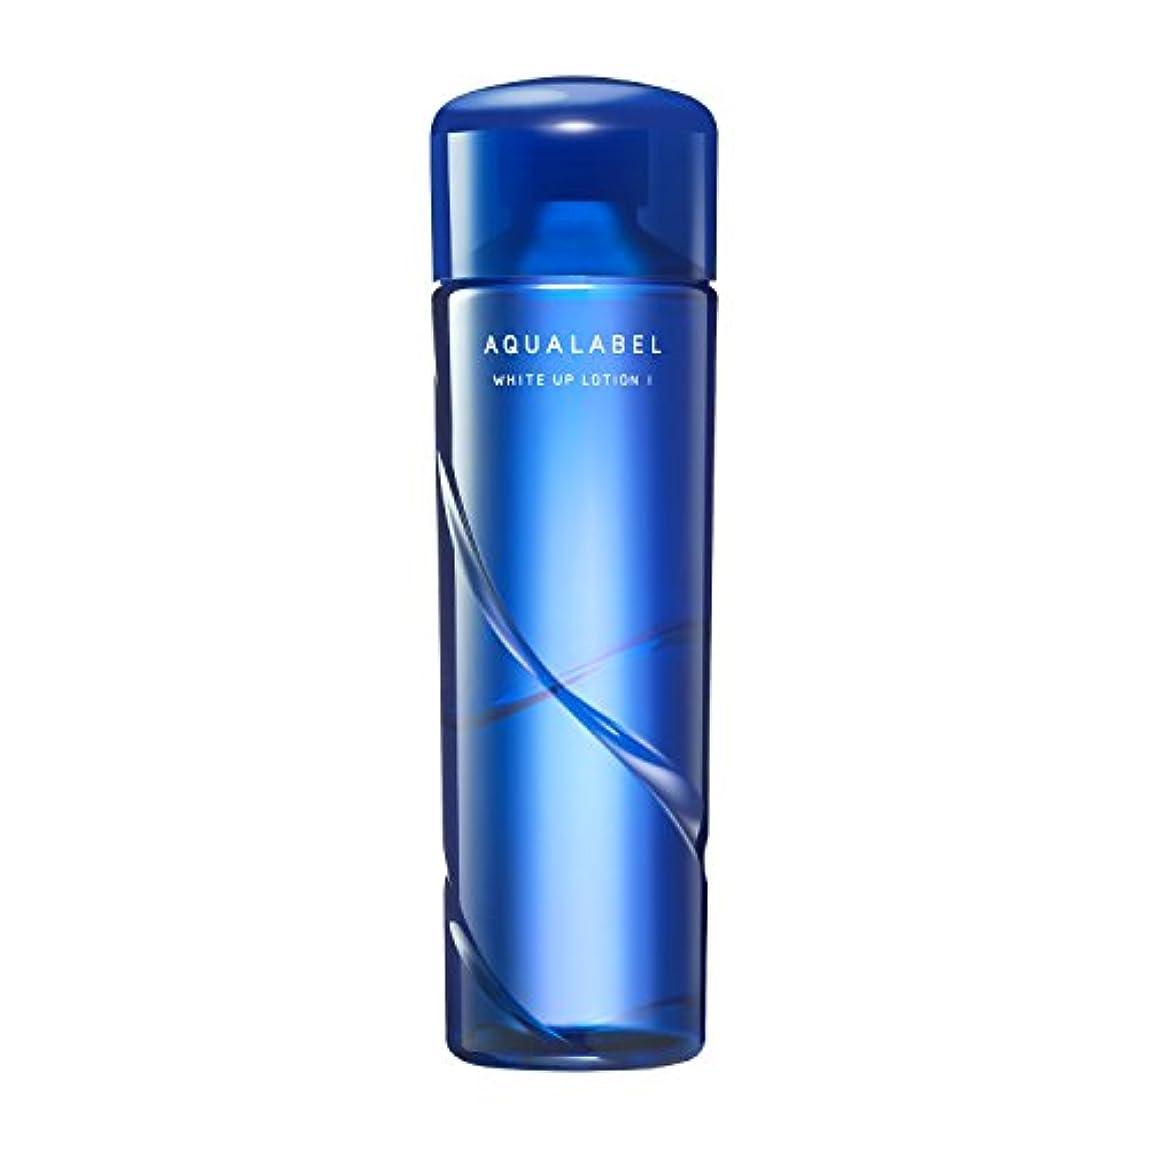 コーンウォール作動する連続したアクアレーベル ホワイトアップ ローション 保湿・美白化粧水 (1) さっぱり 200mL 【医薬部外品】